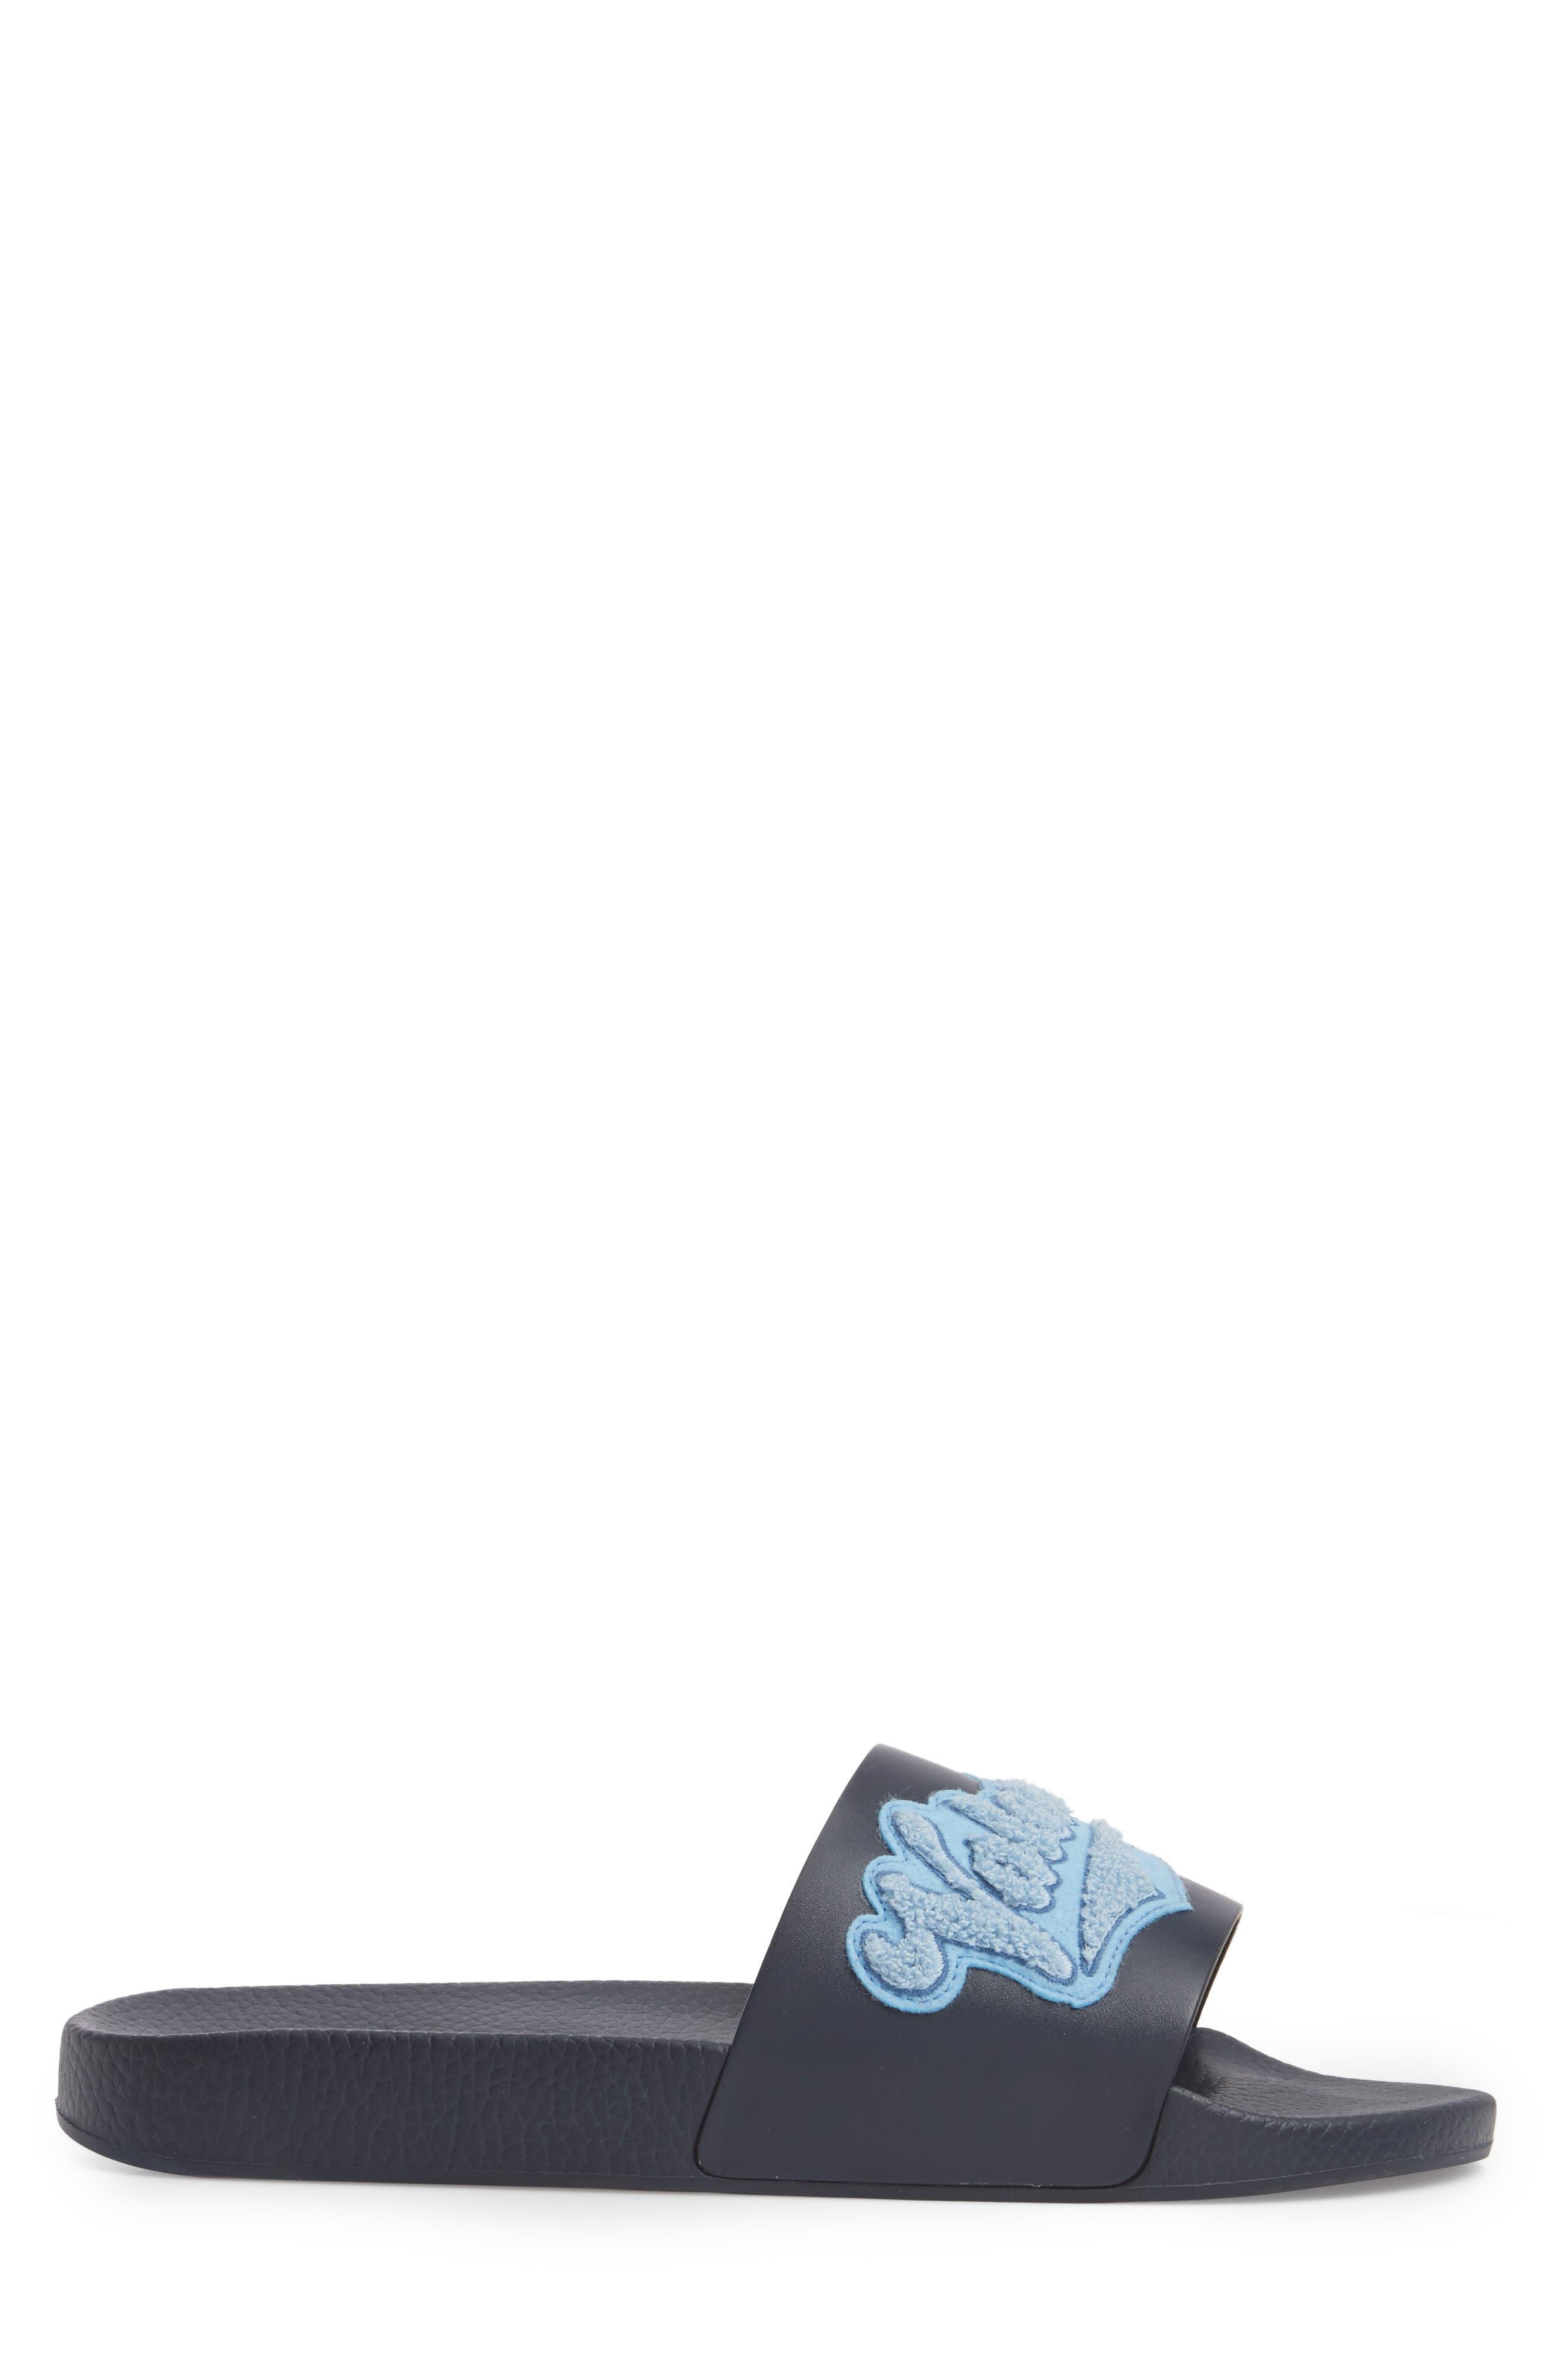 Slide Sandal,                             Alternate thumbnail 3, color,                             017